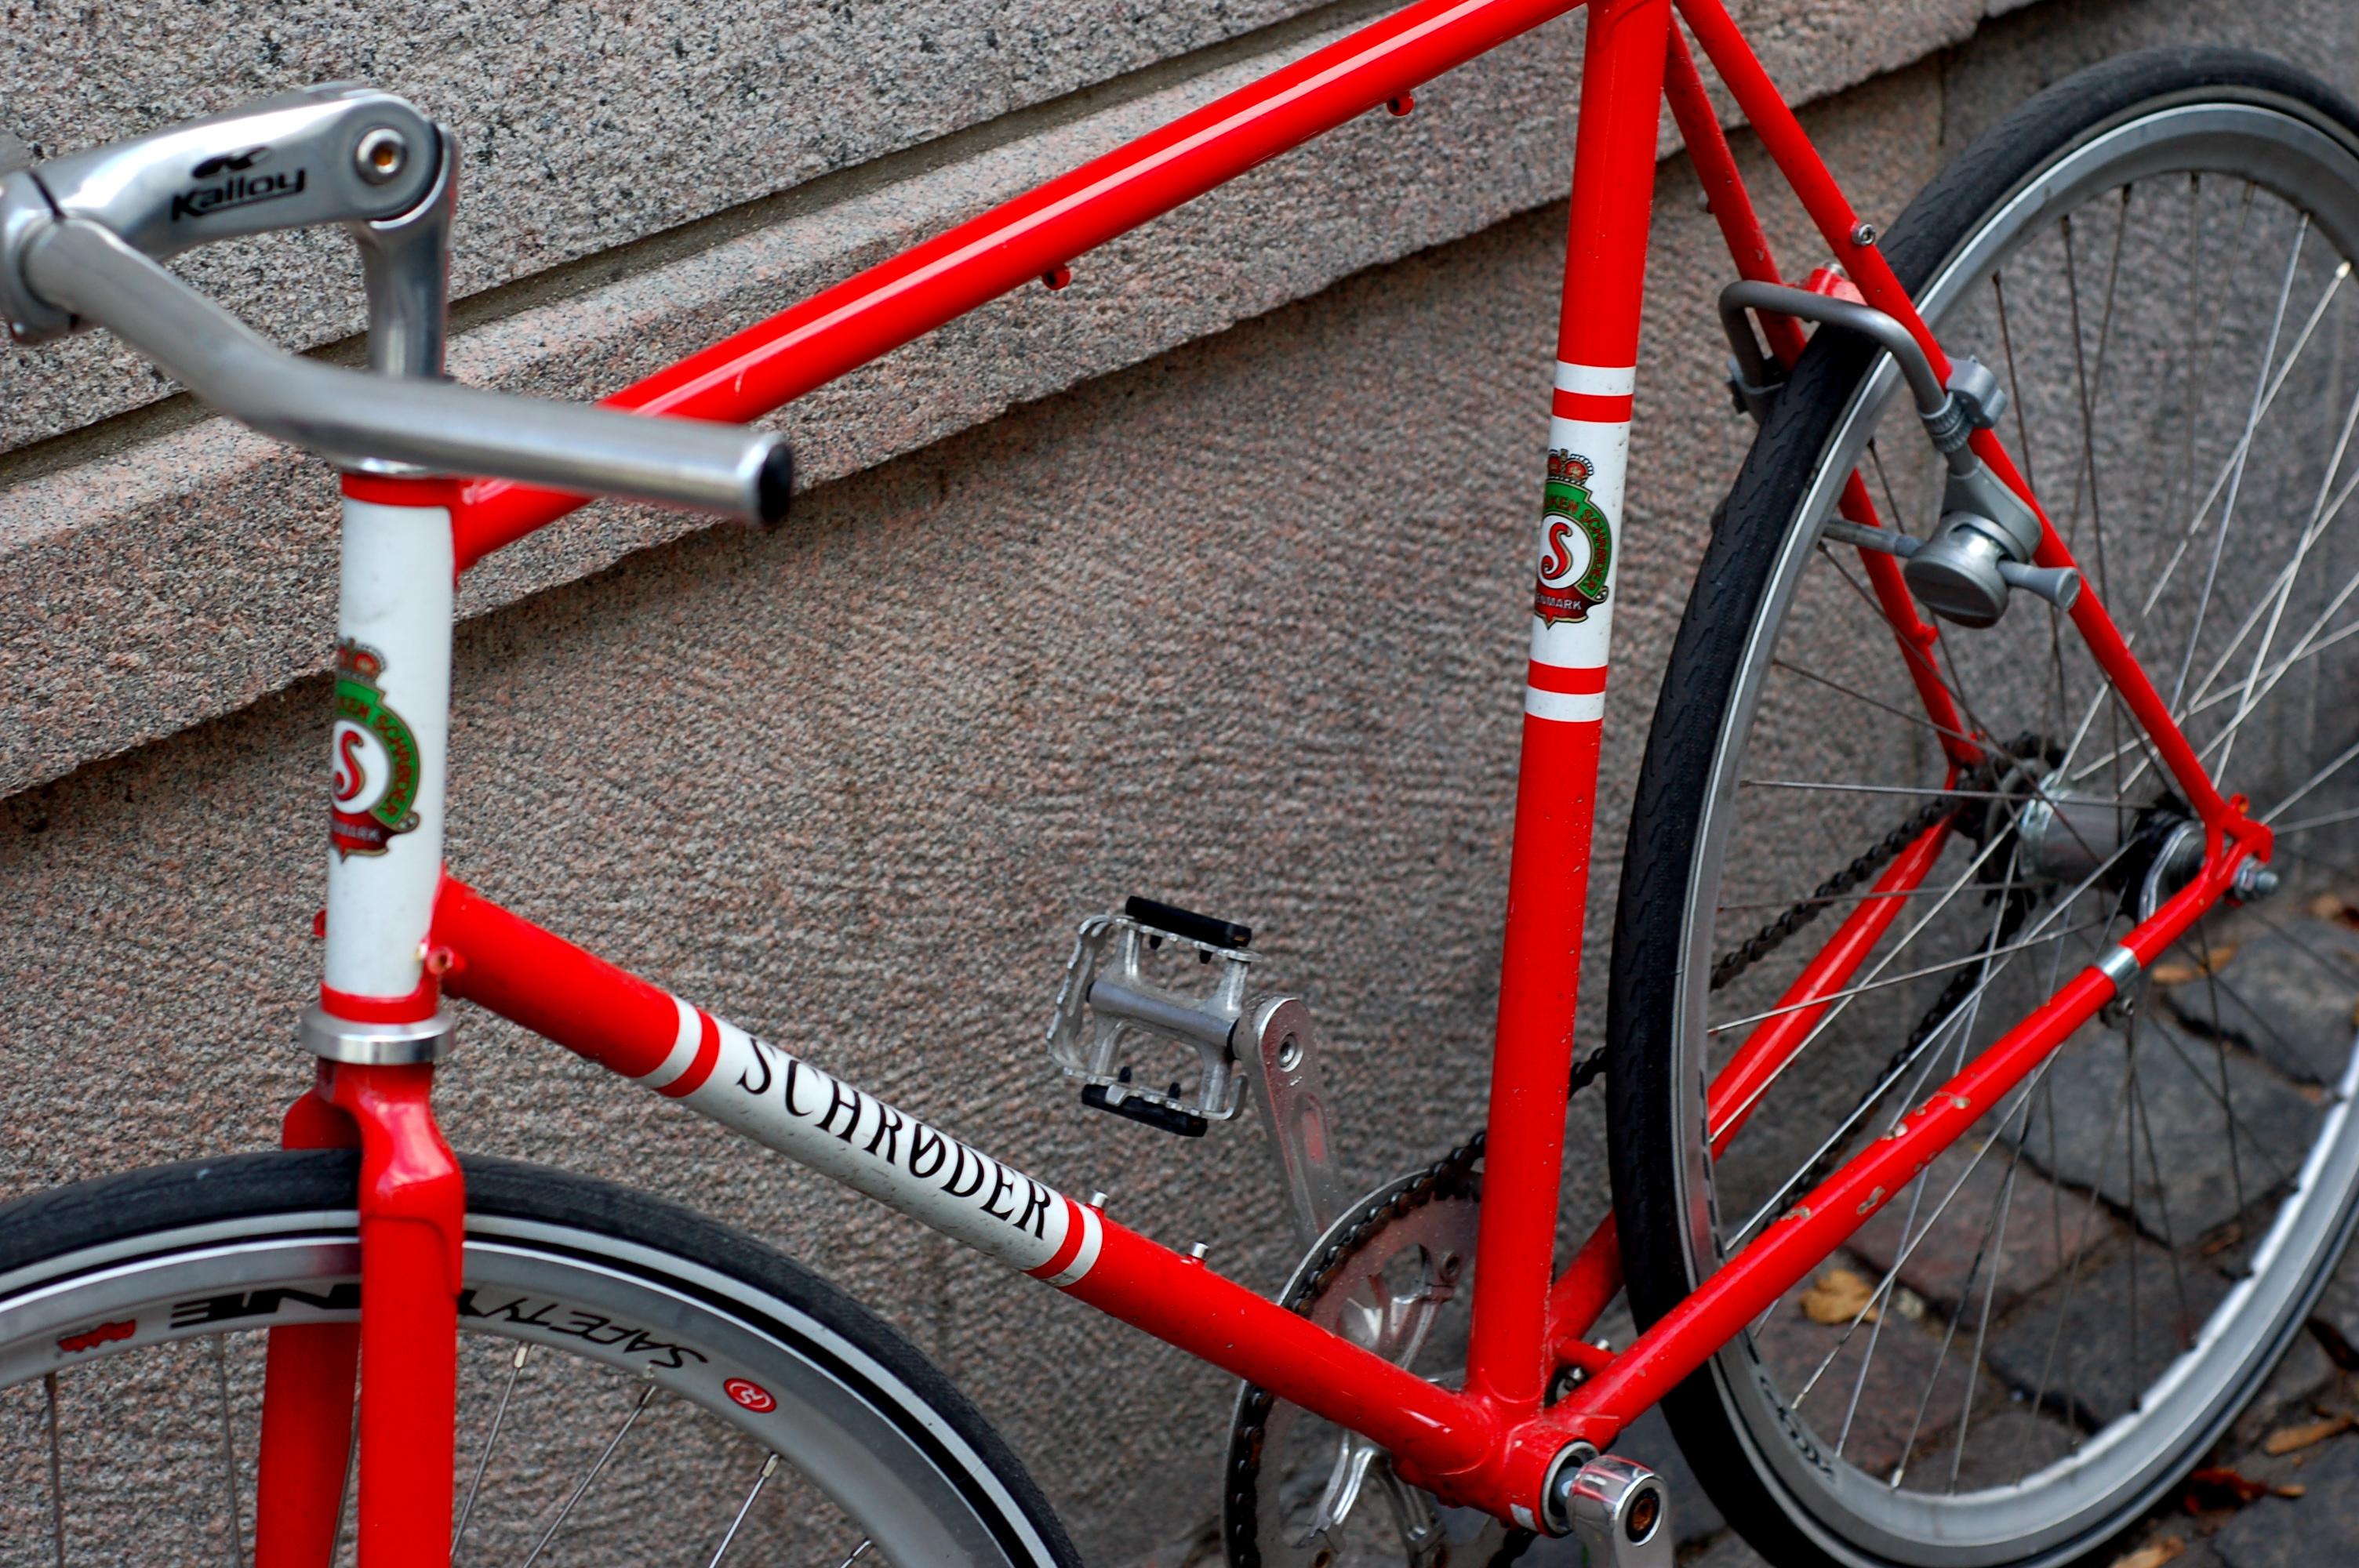 cc cykler